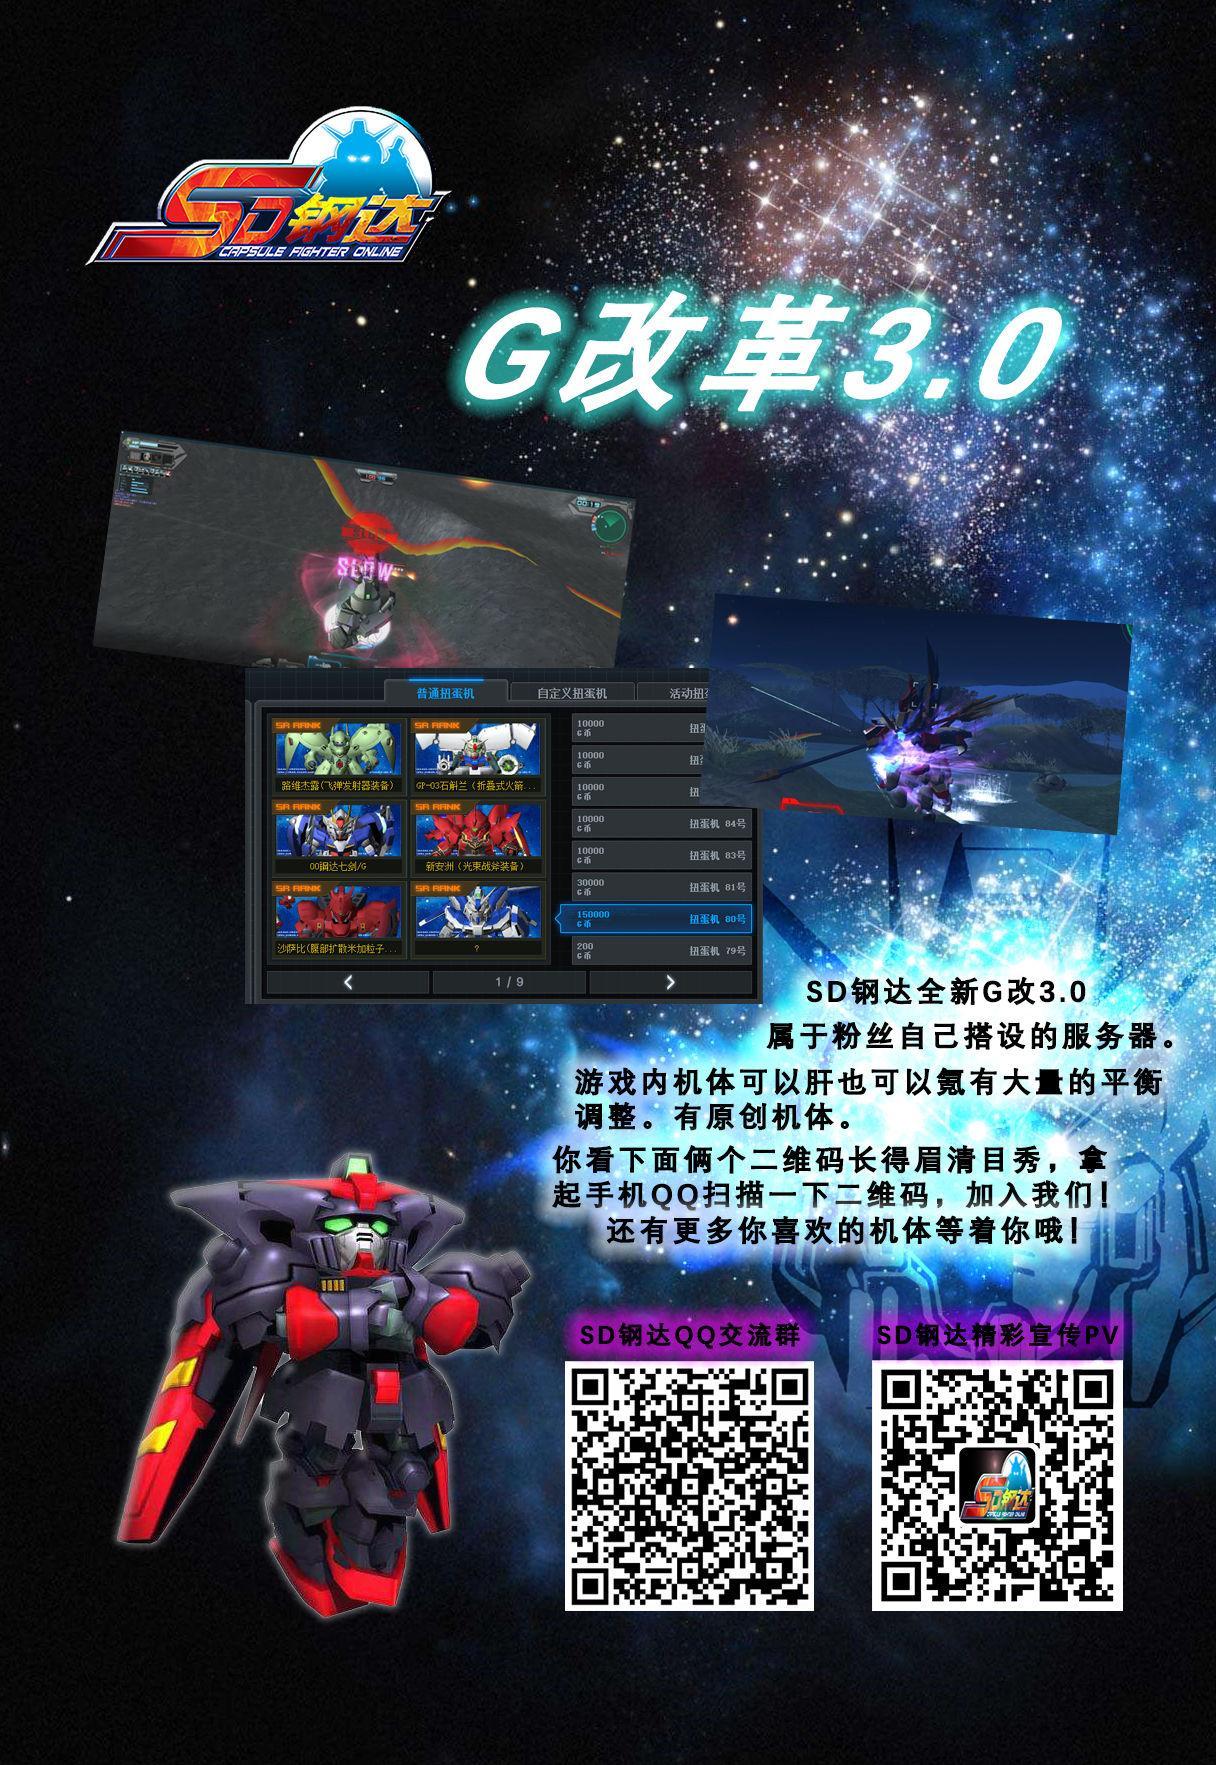 Nee-chan ga AV Debut Shiyagatta! Koko Suunen de Mita AV no Naka demo Dantotsu de Eroku mou Gaman no Genkai!! 4 31